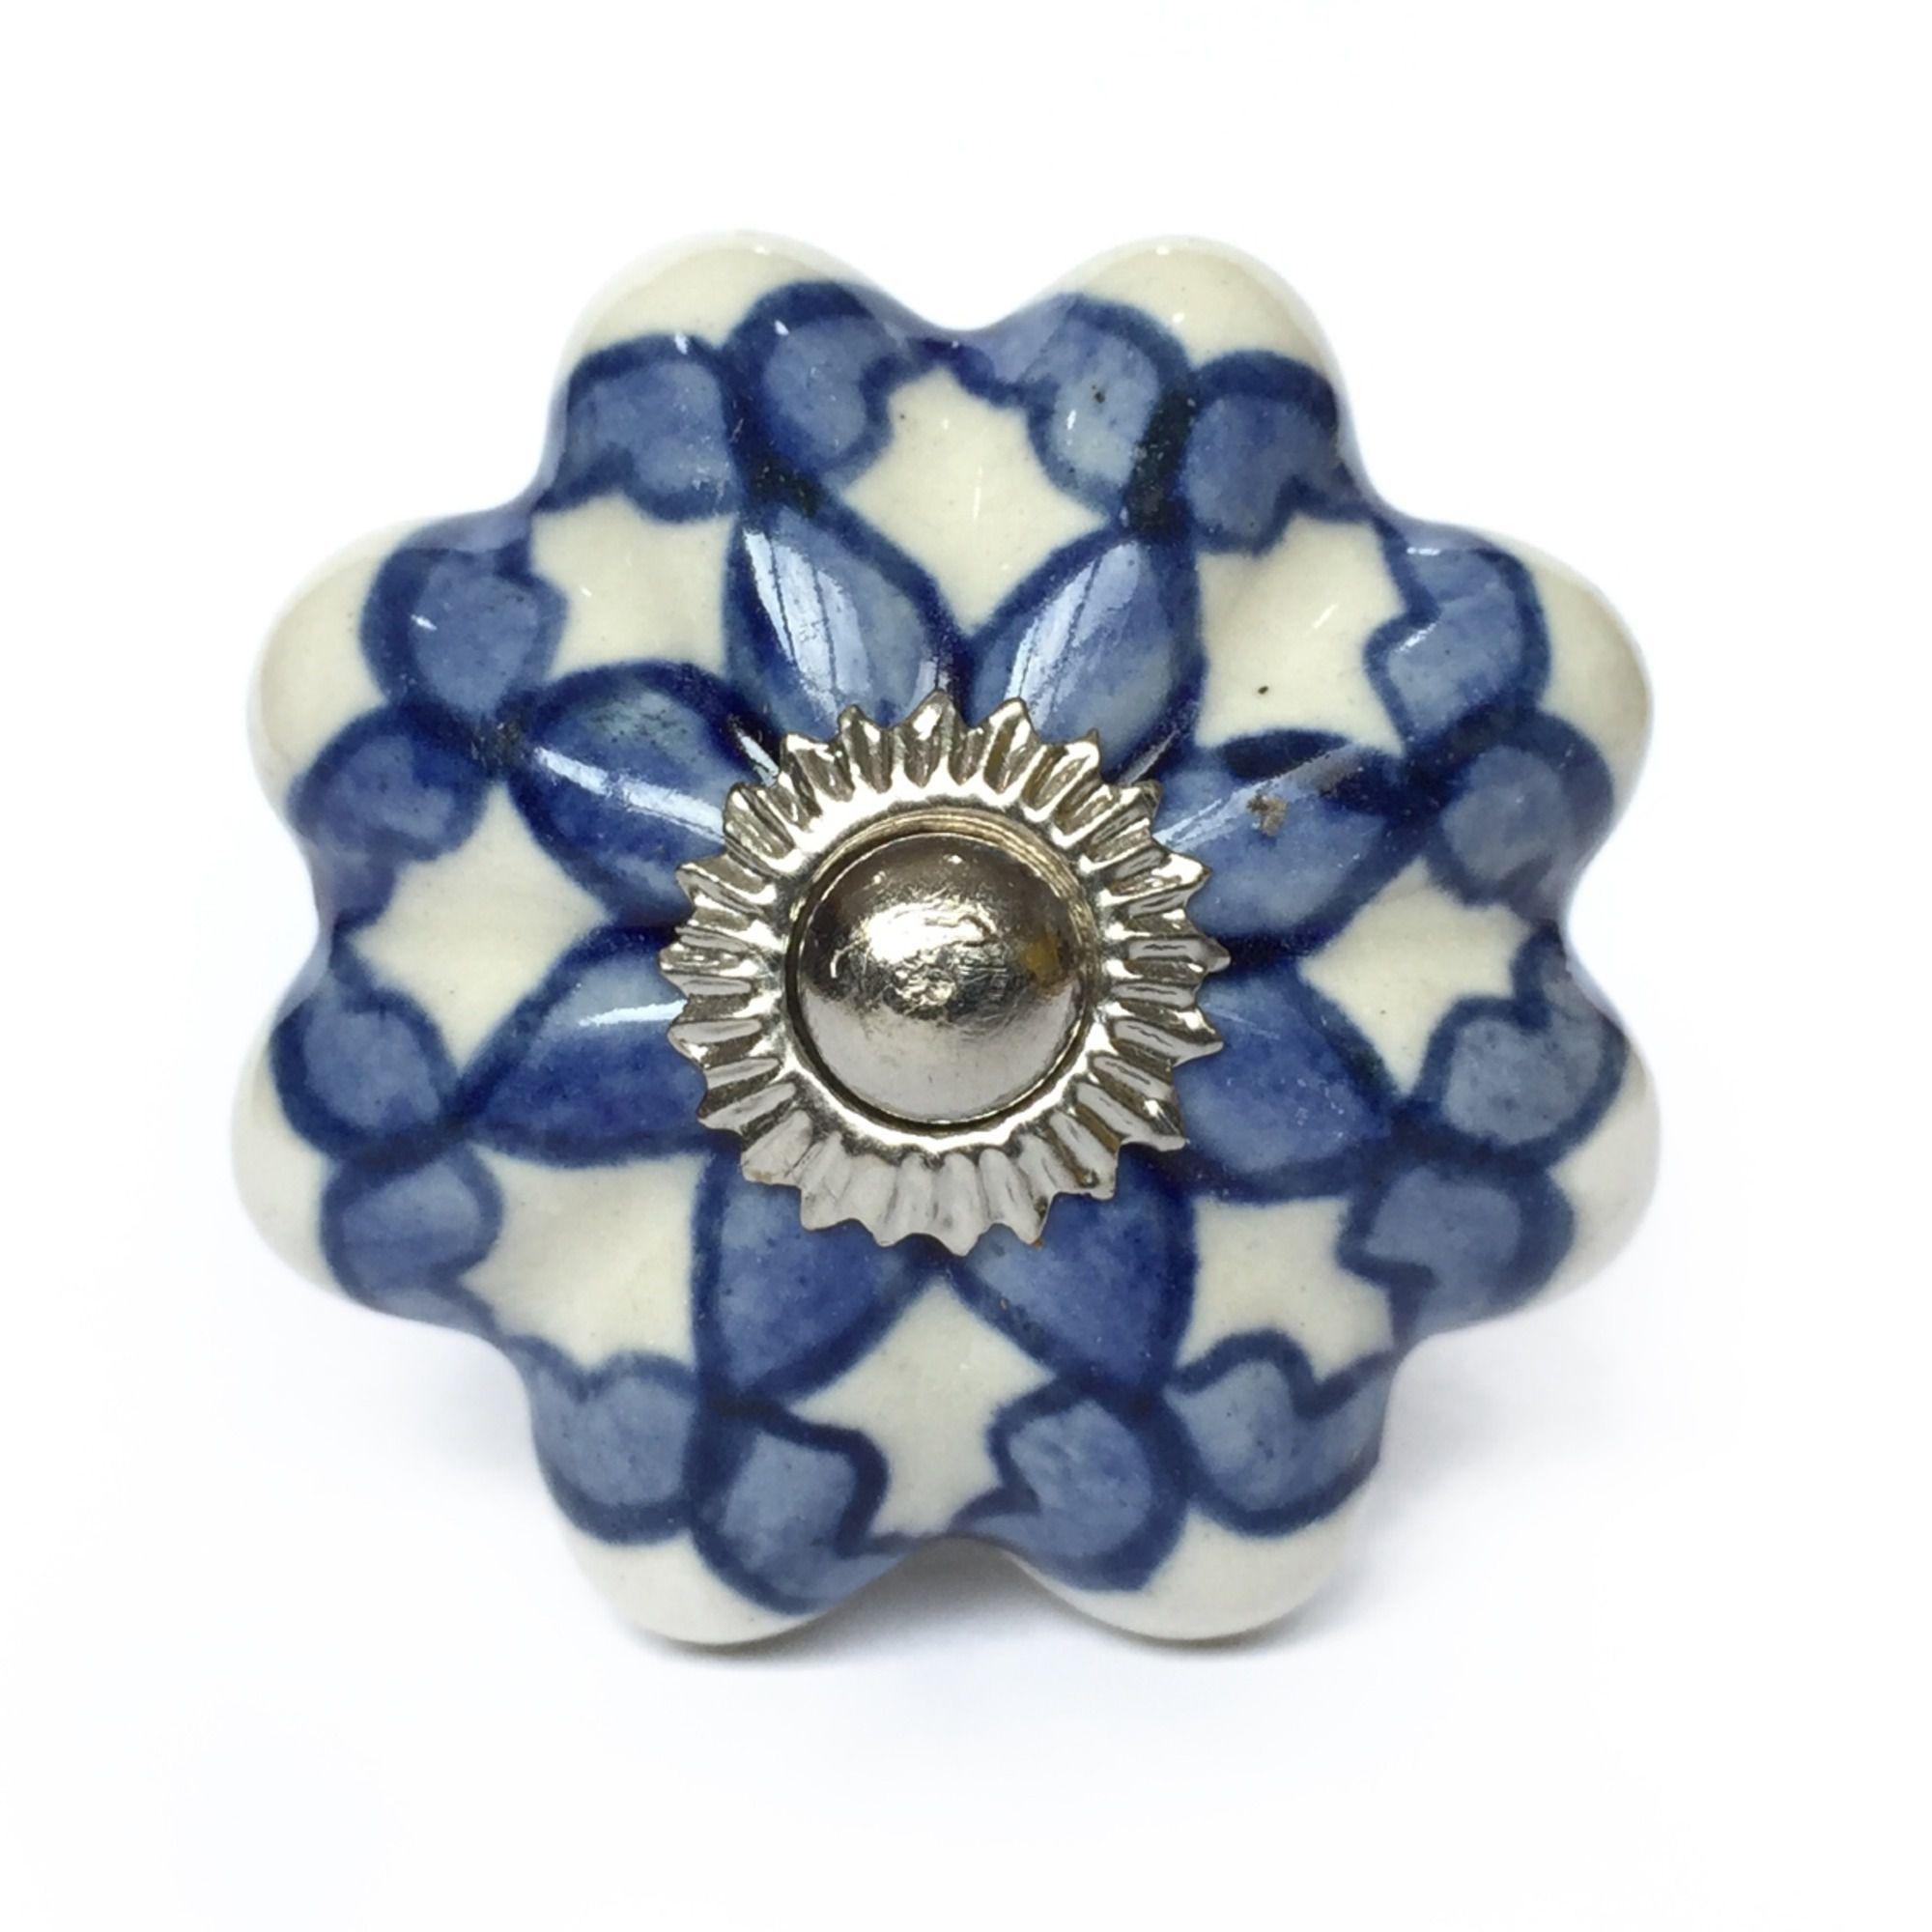 Puxador de Porcelana Iza Azul e Branco - kit 4 pçs